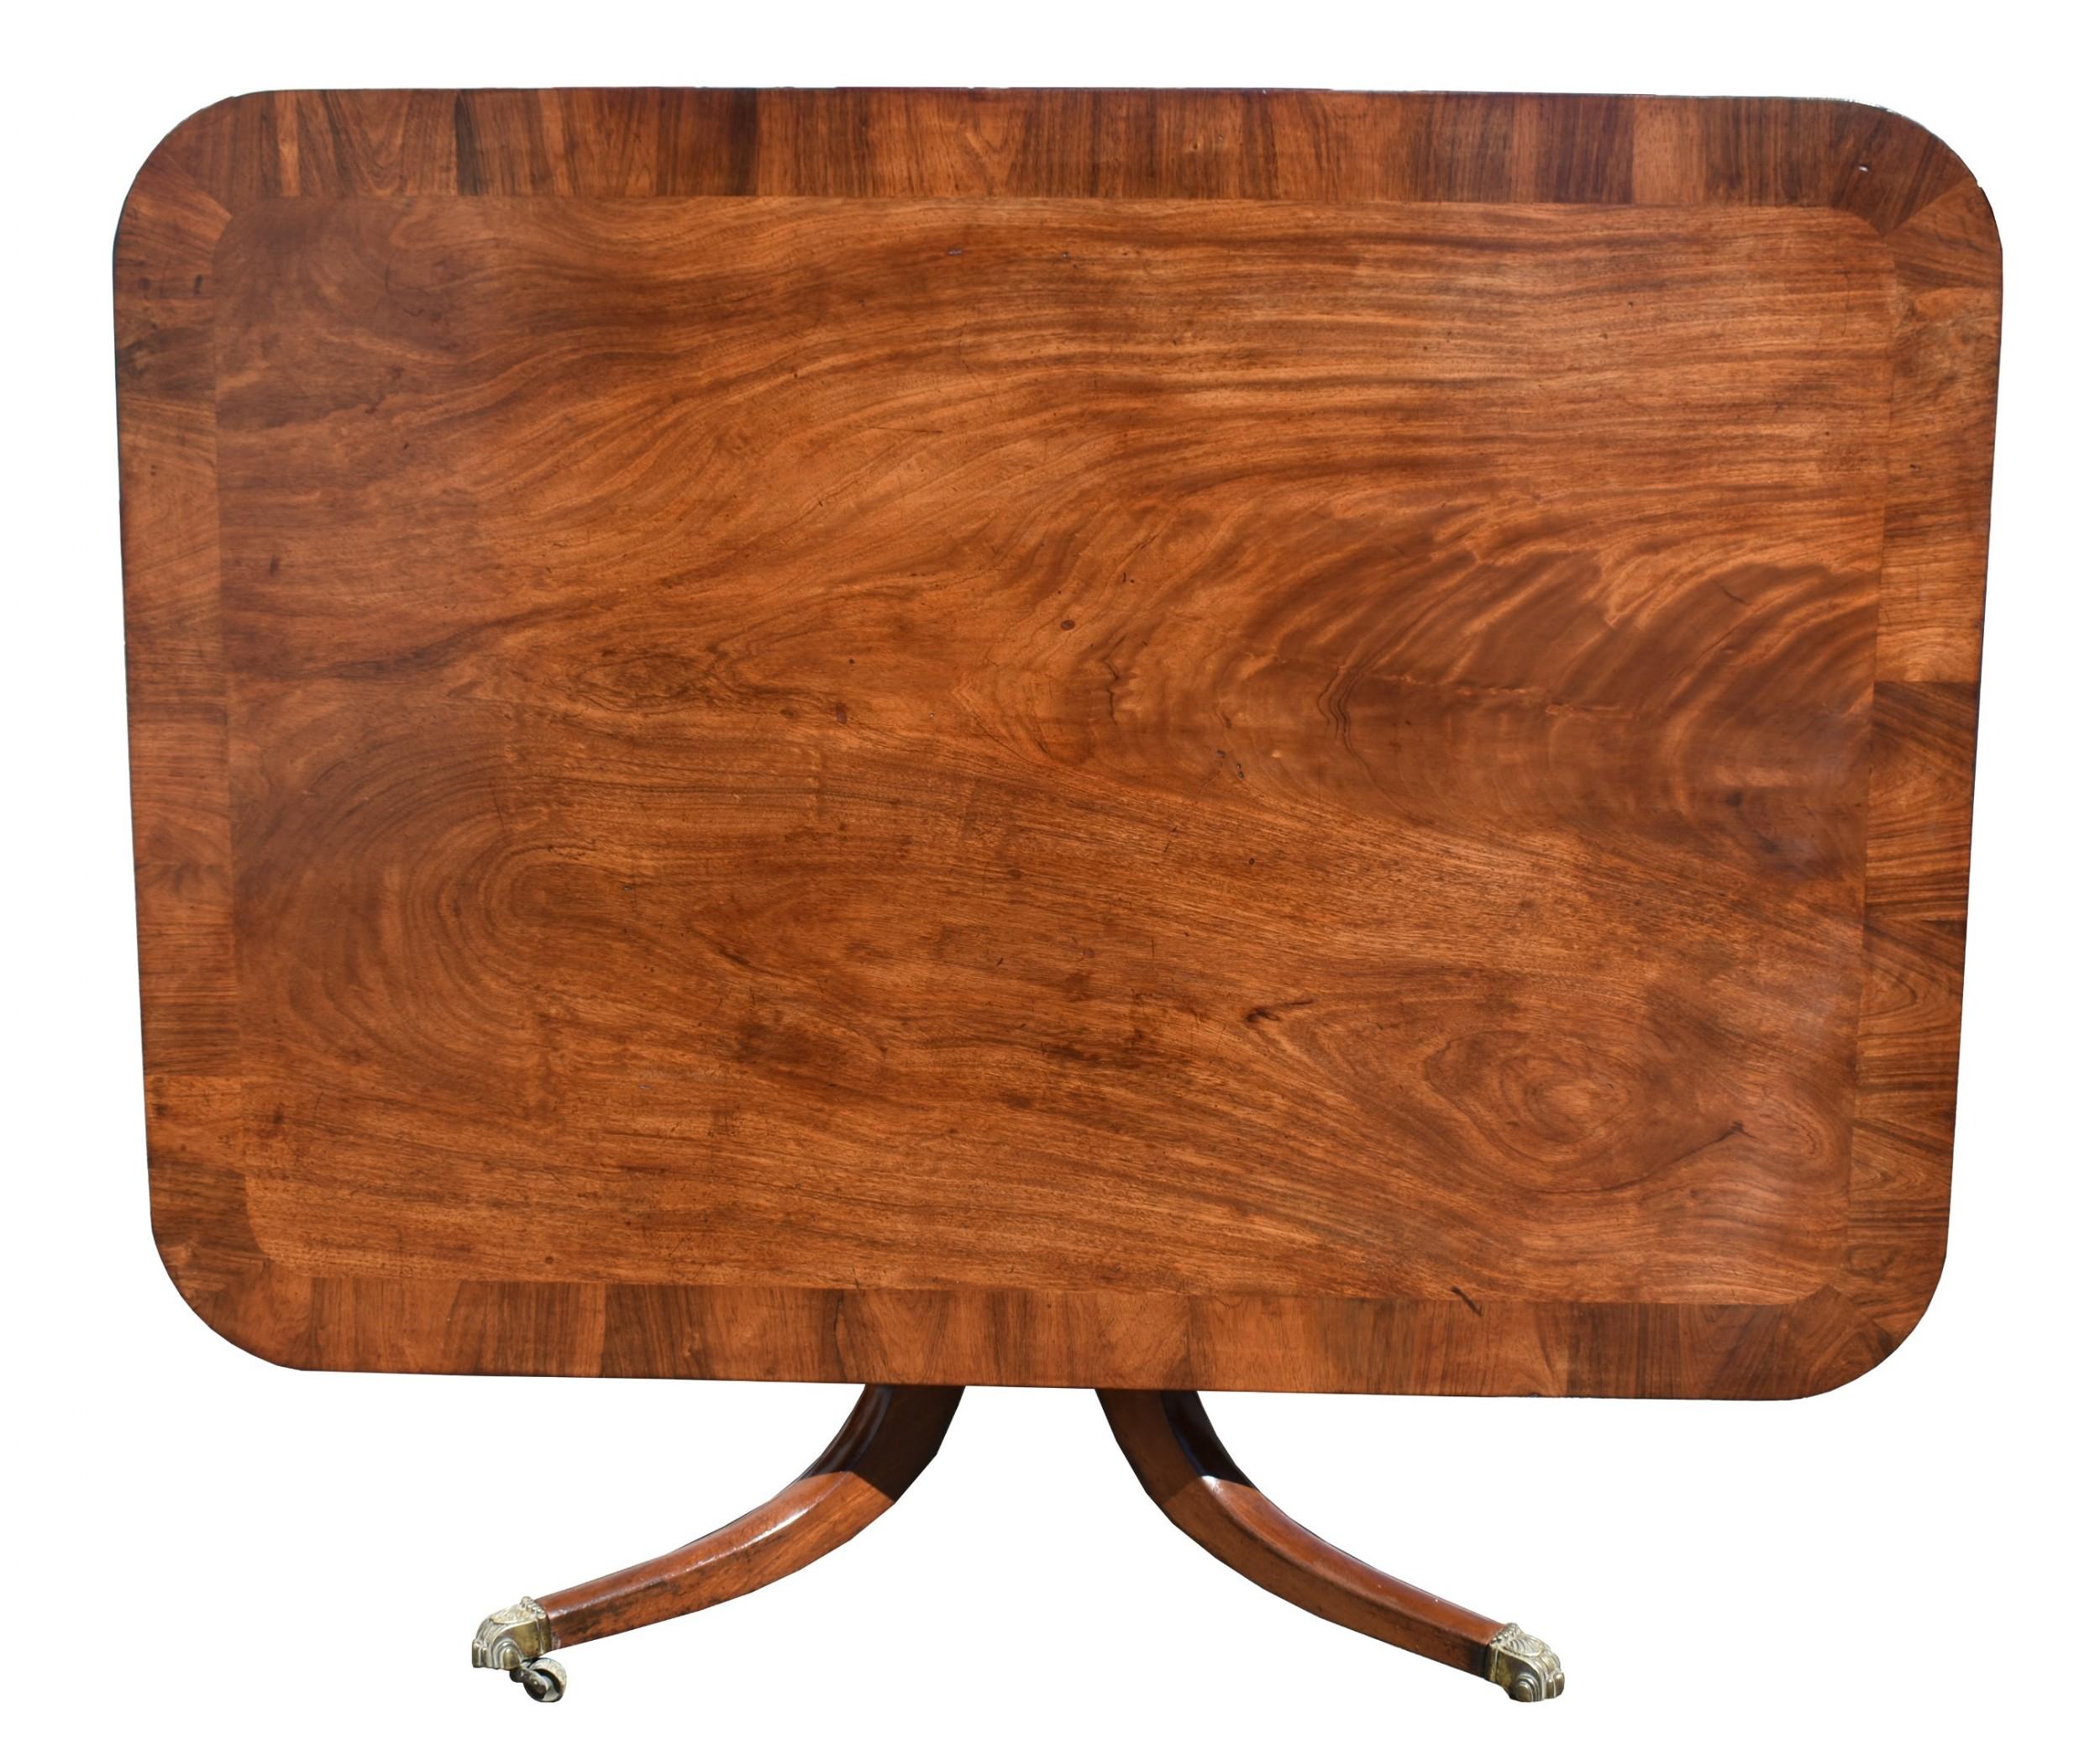 19th century regency mahogany breakfast table